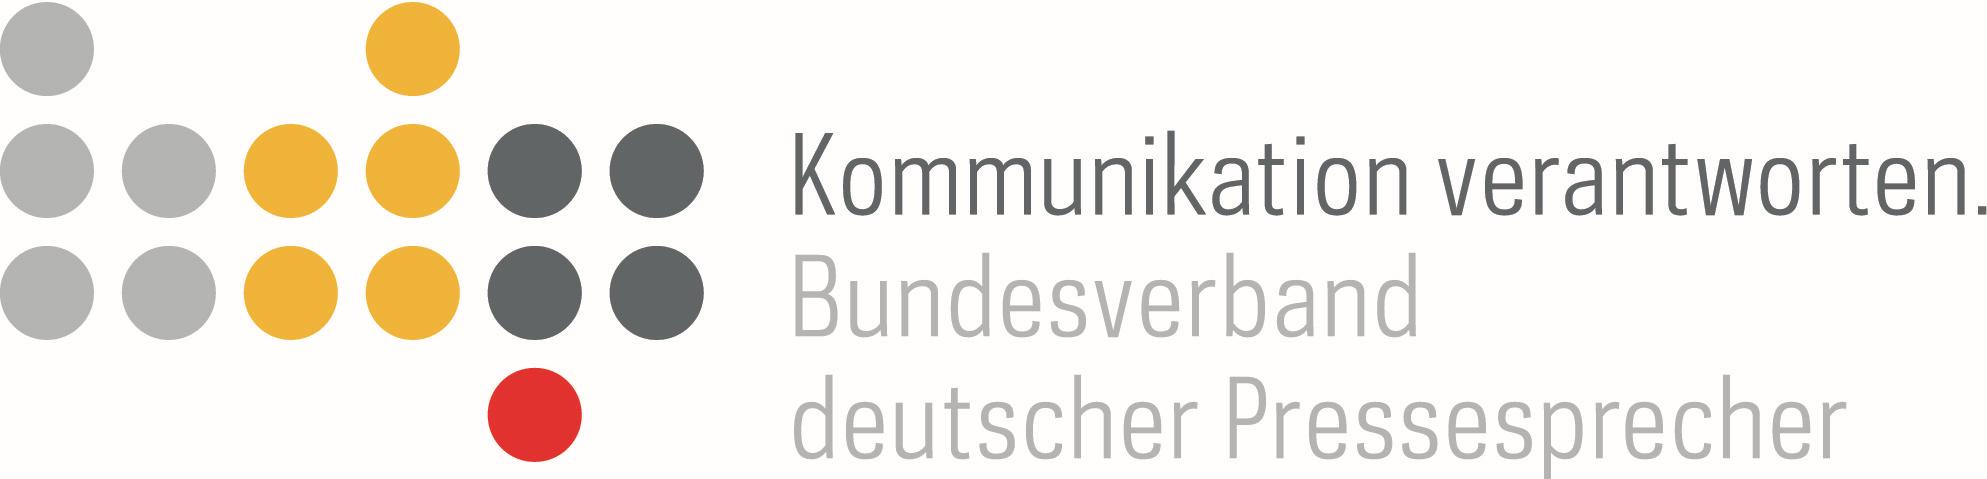 bdp_logo